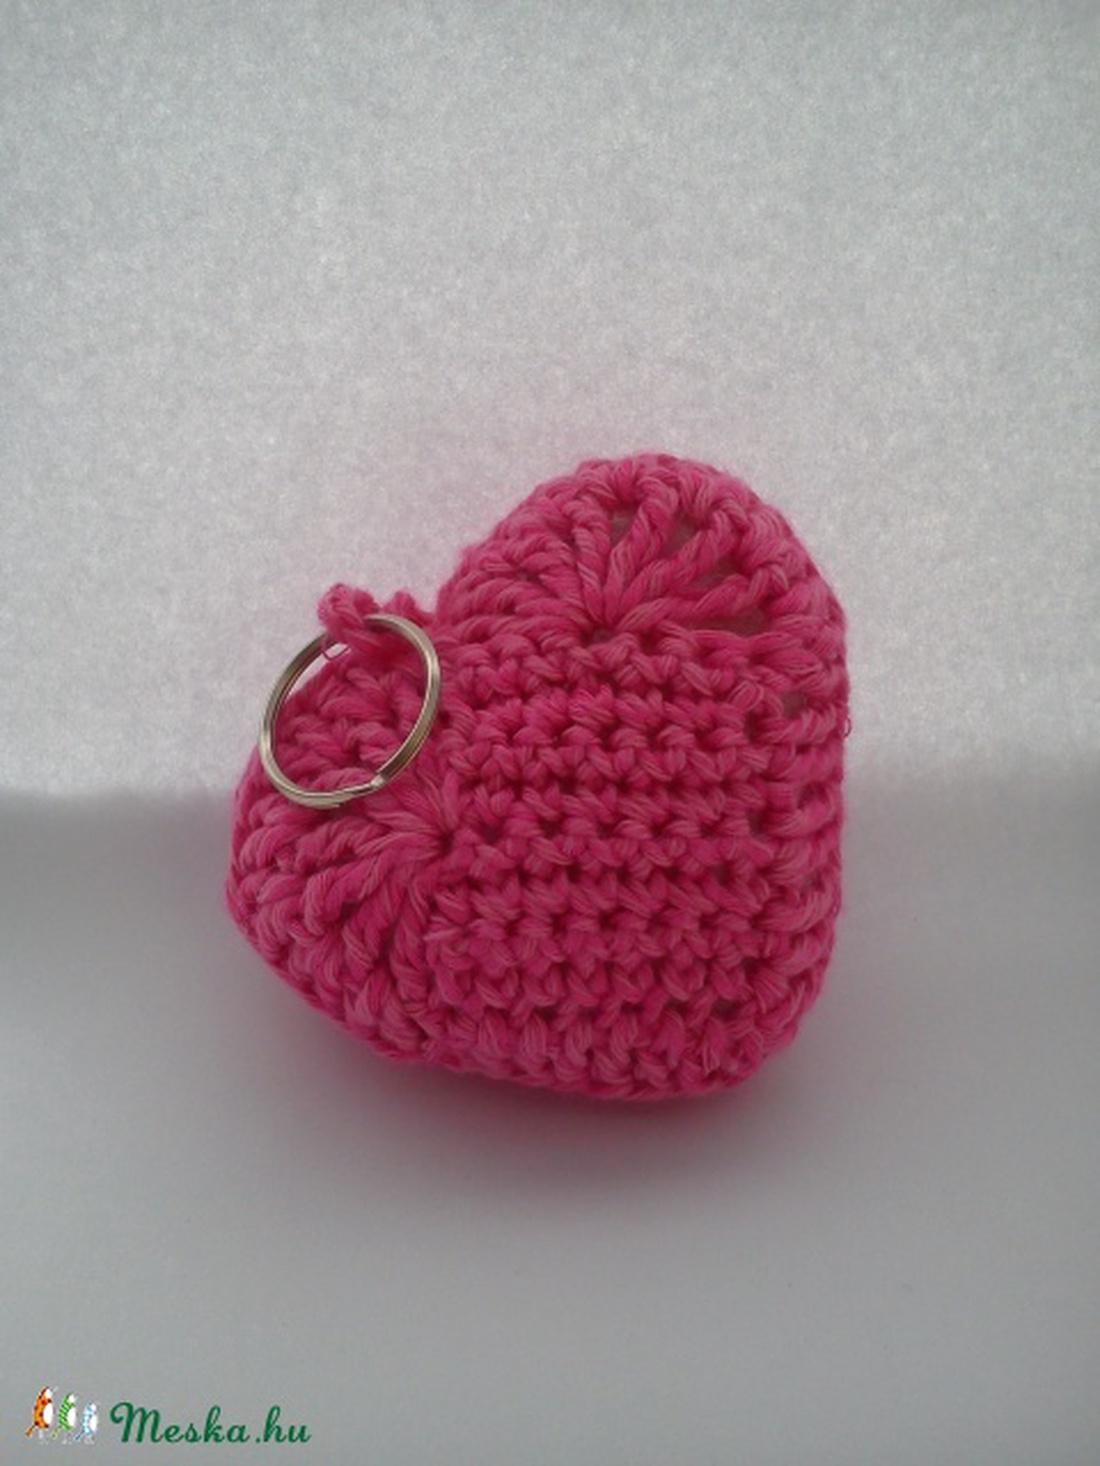 93f1e4b715 ... Édes szív alakú horgolt kulcstartó rózsaszín és zöld színekben  (turkizmuhely) - Meska.hu ...